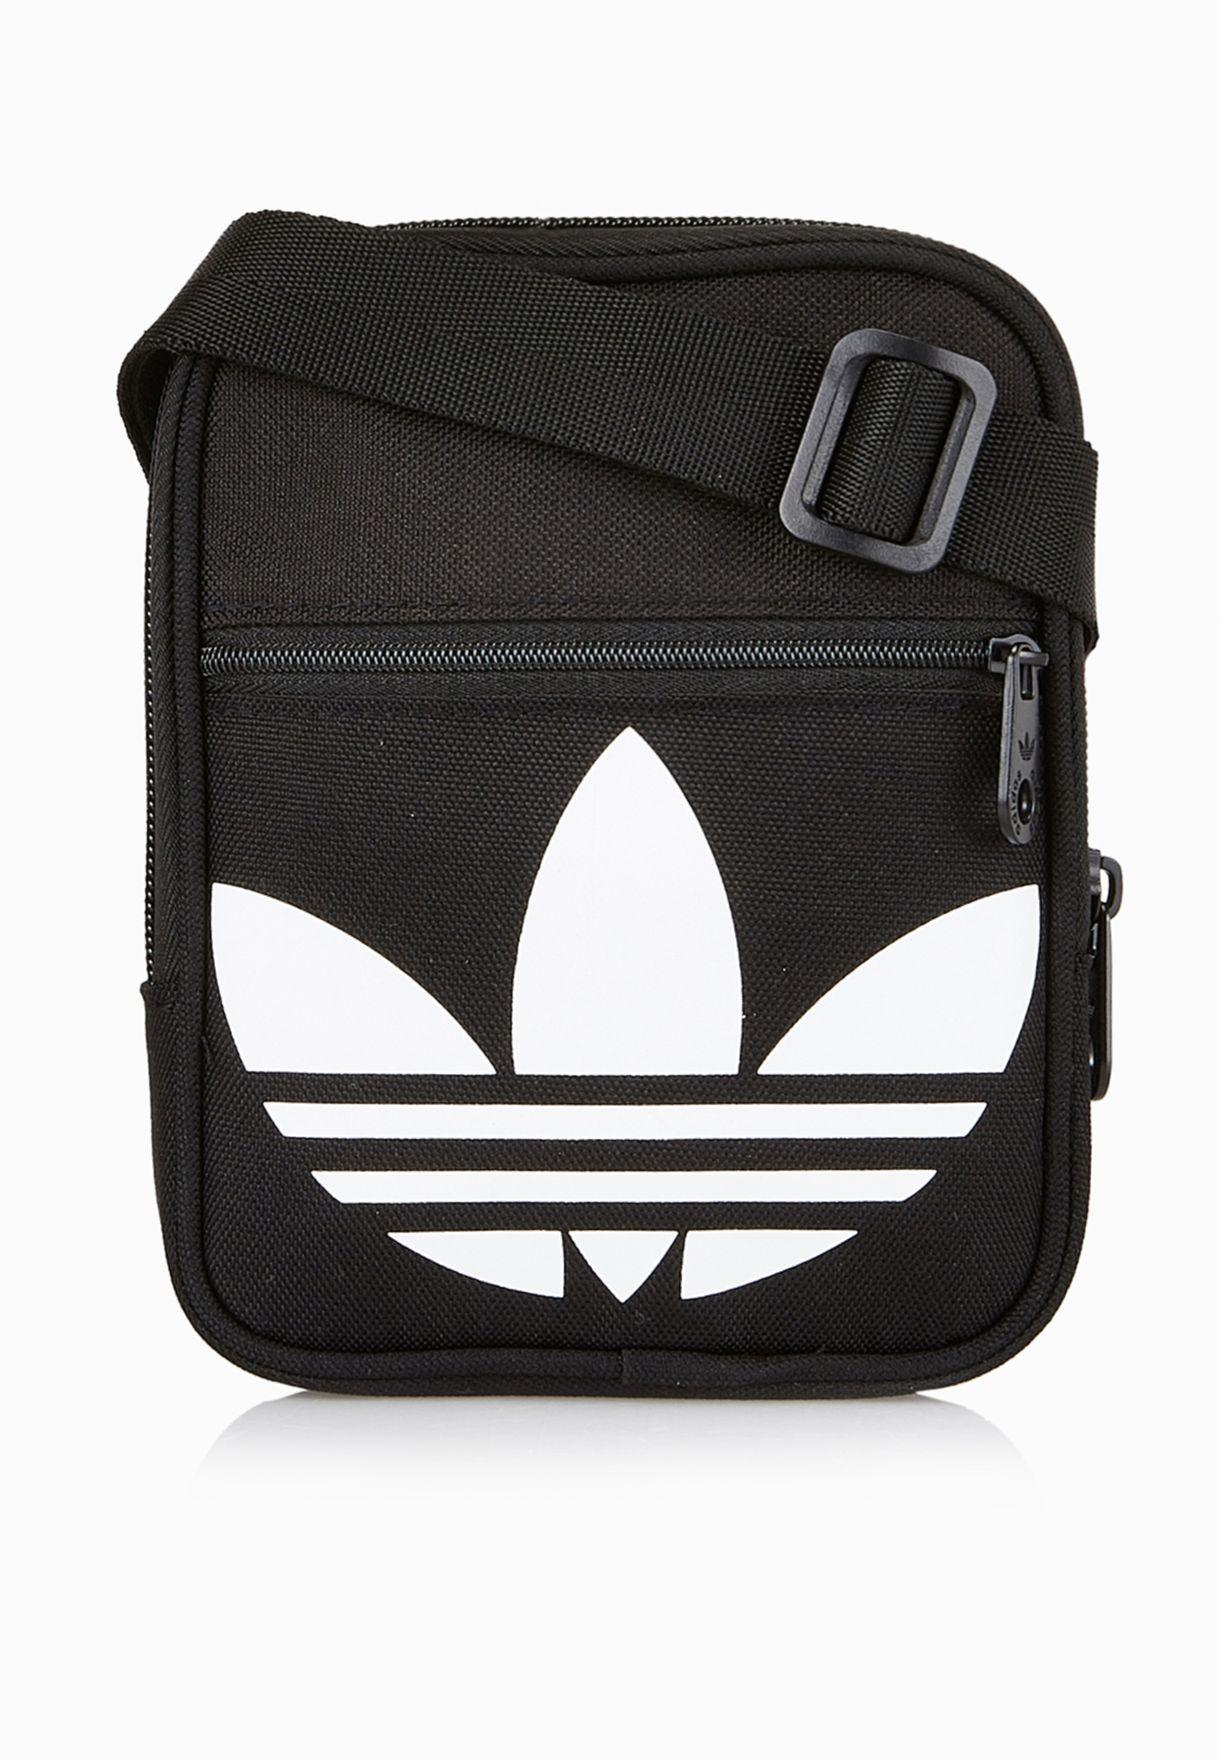 2b0edccfcb Shop adidas Originals black Trefoil Festival Messenger AJ8991 for ...